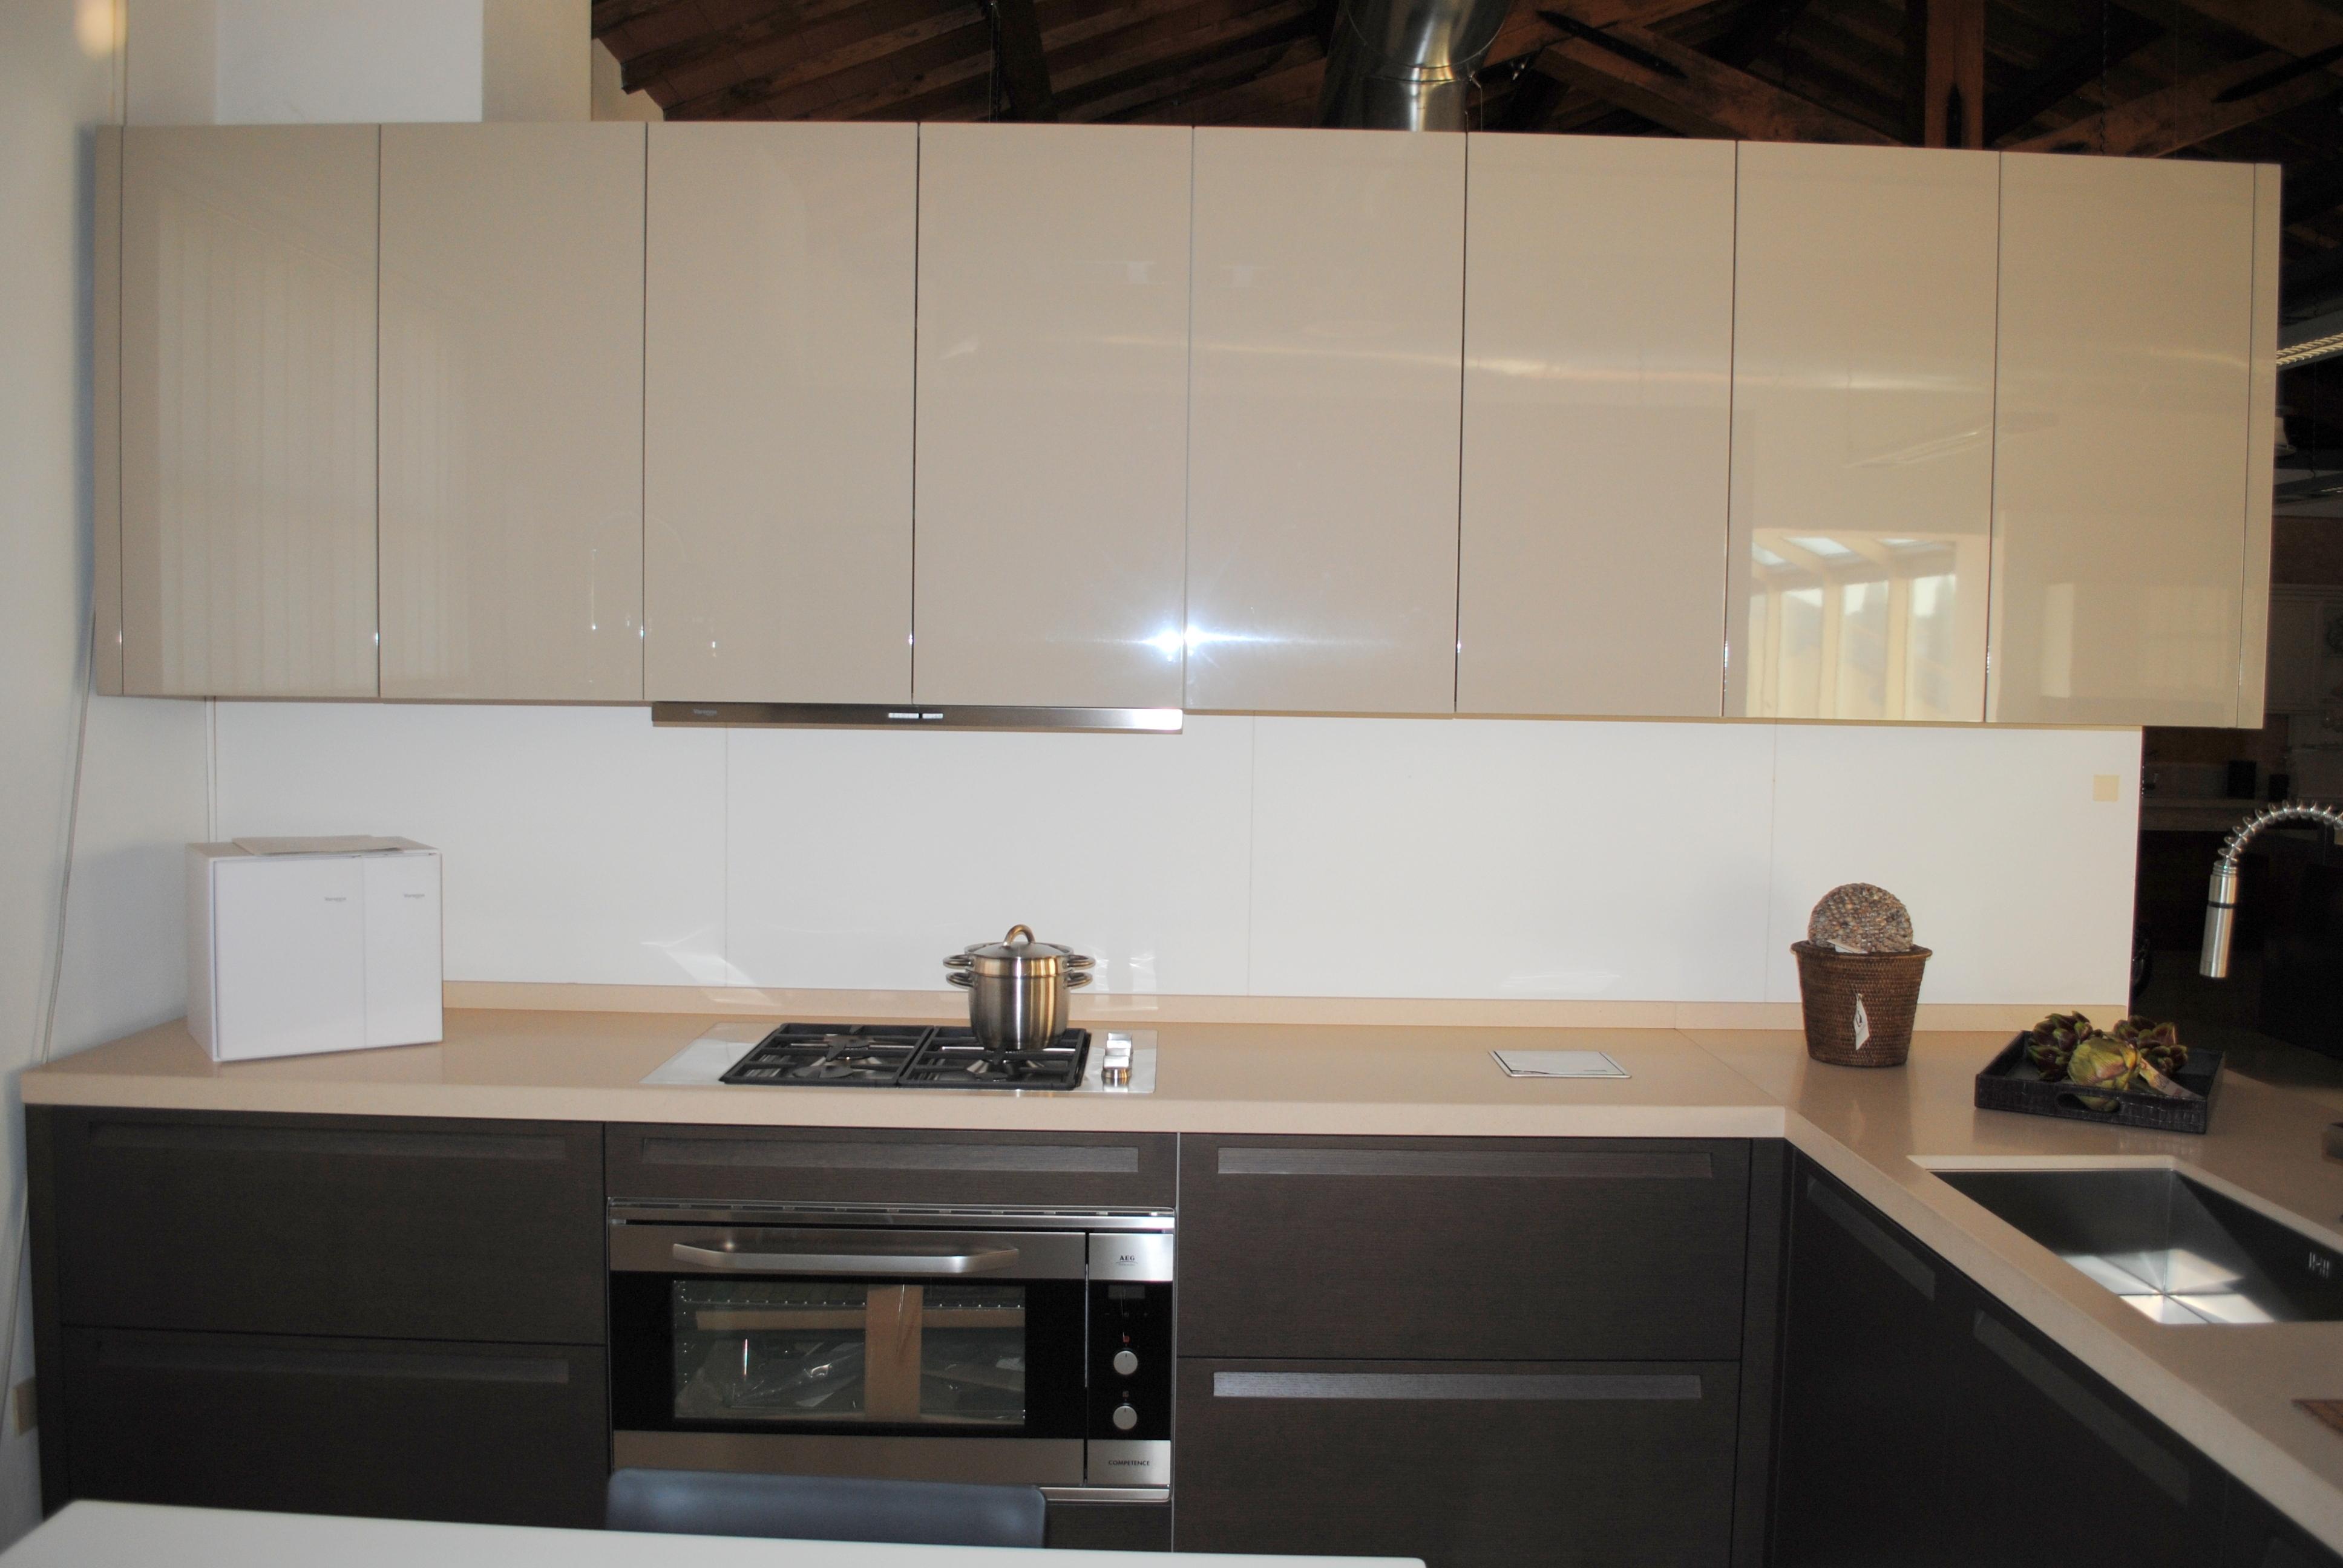 Cucine piccole prezzi cucine economiche cucine ikea with for Cucine piccole ad angolo moderne